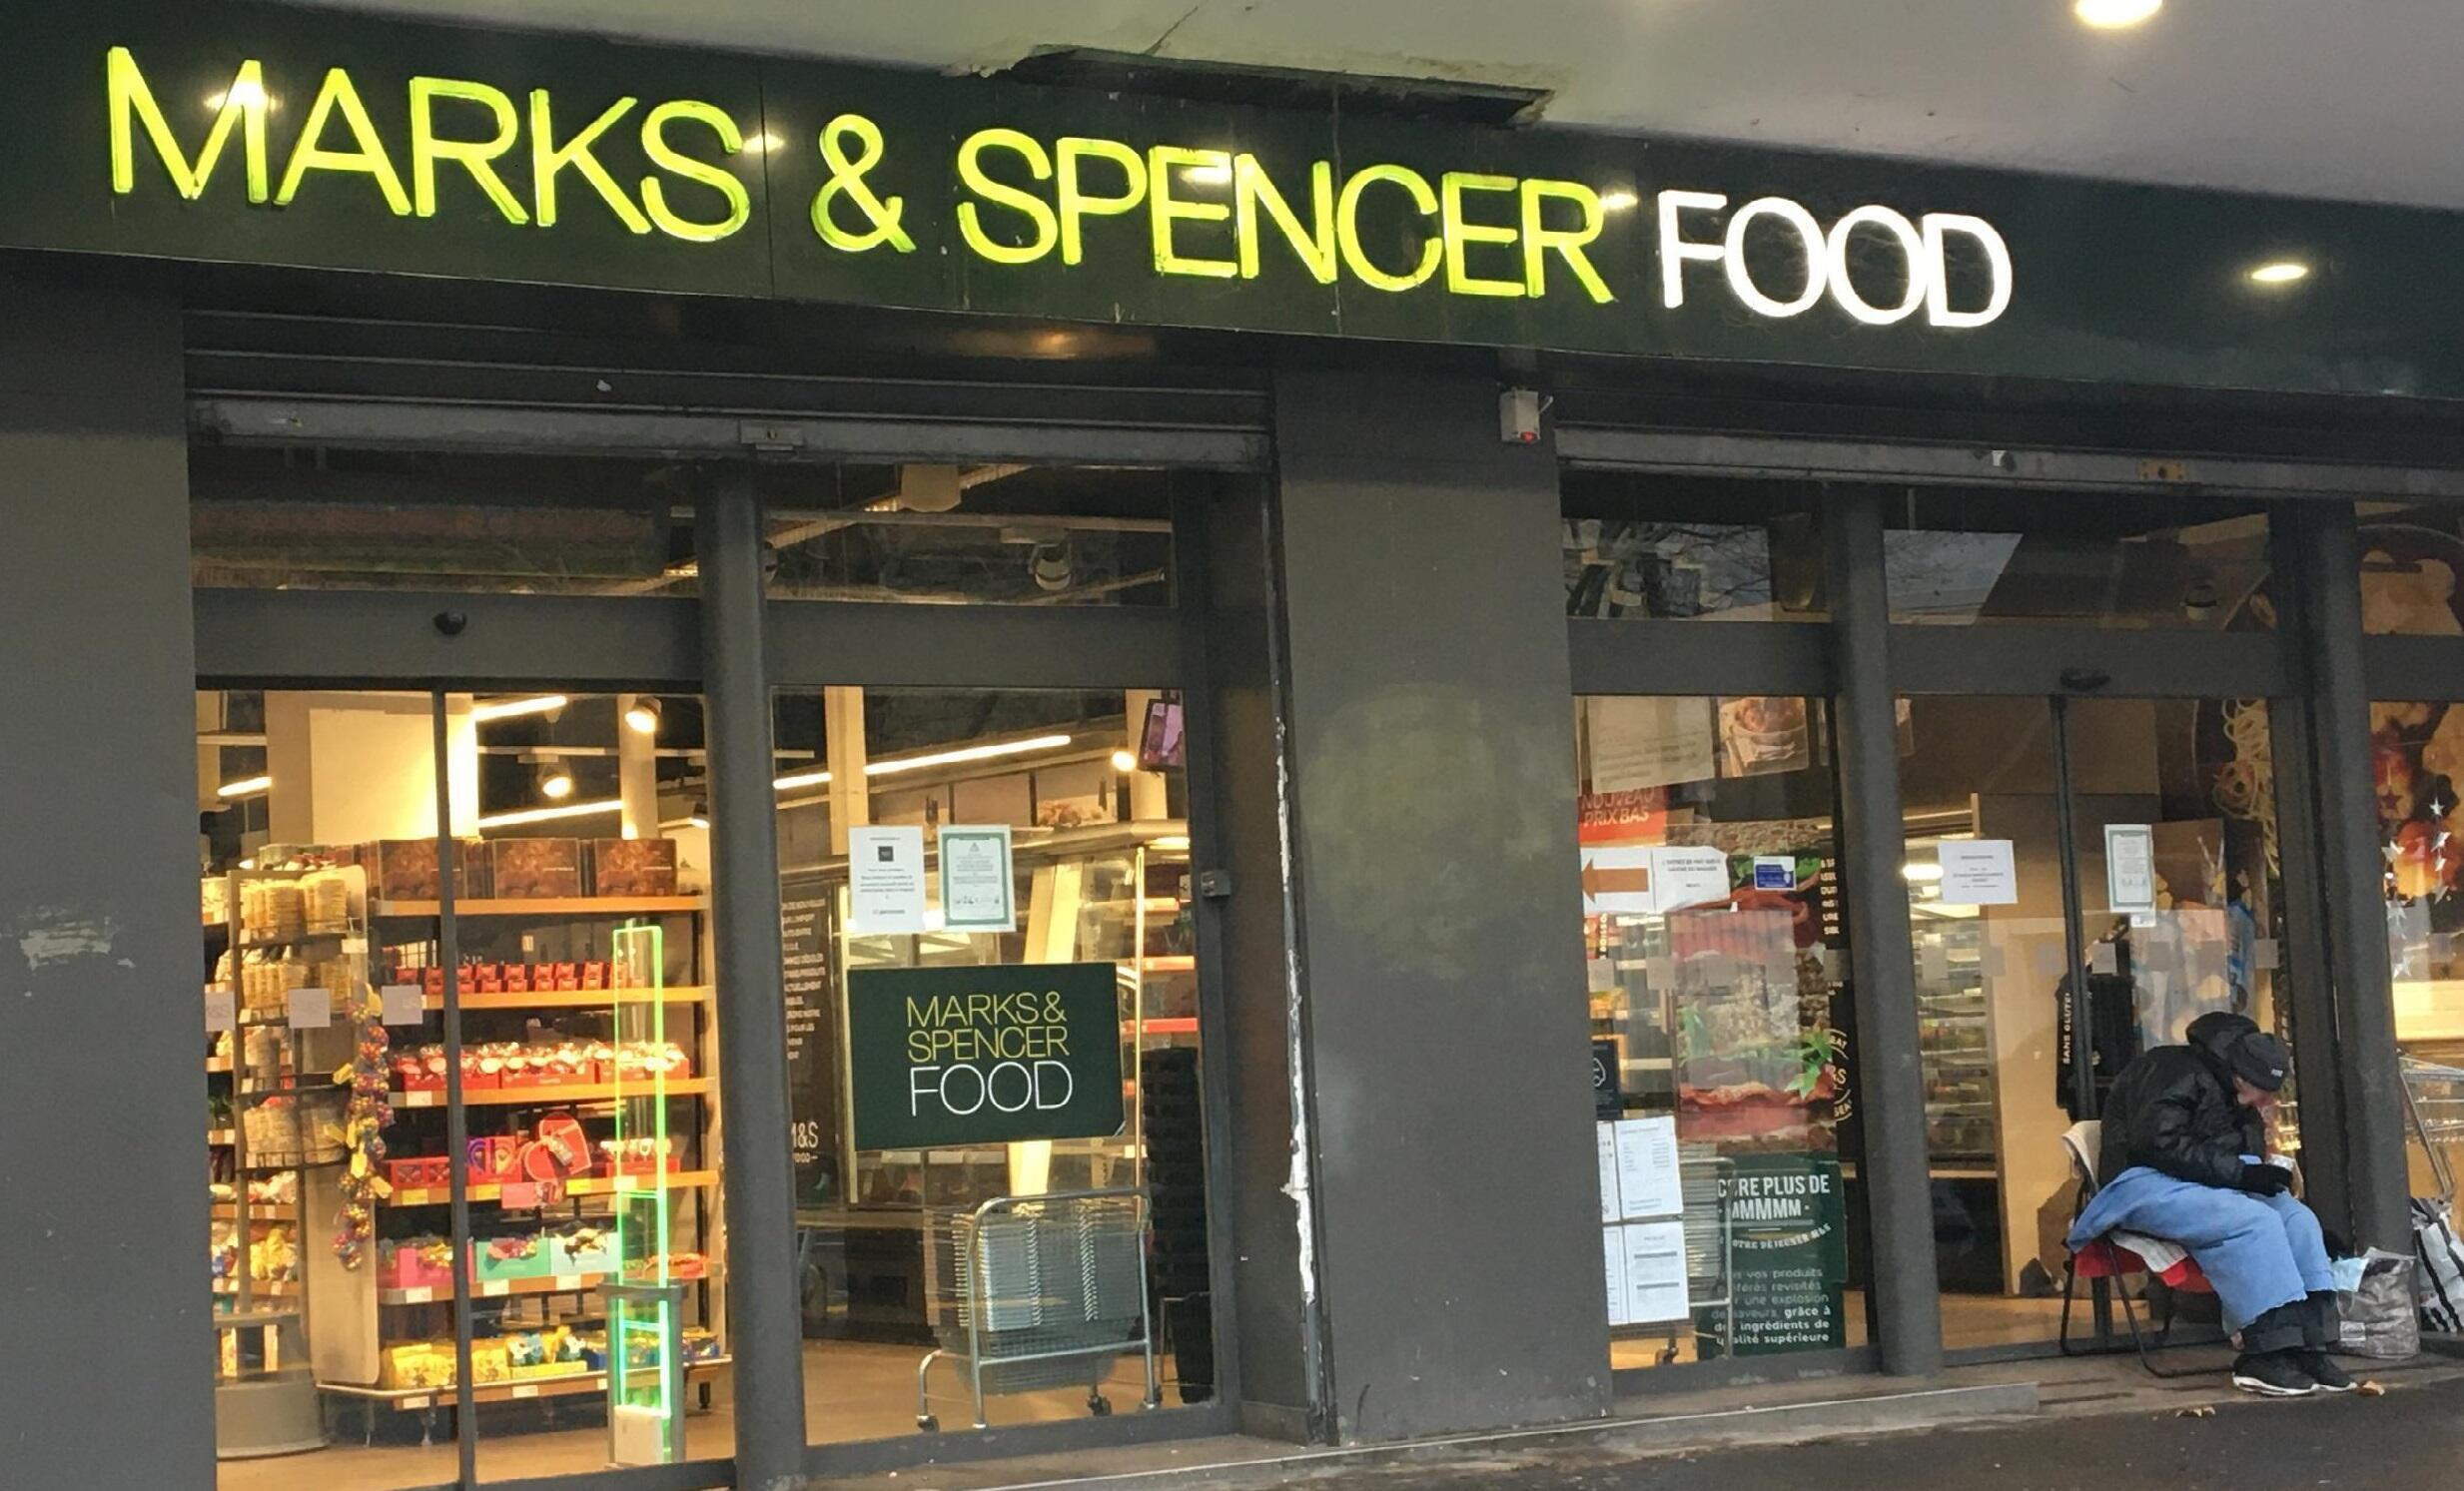 2021-01-20 france uk M&S Marks & Spencer brexit shop trade paris